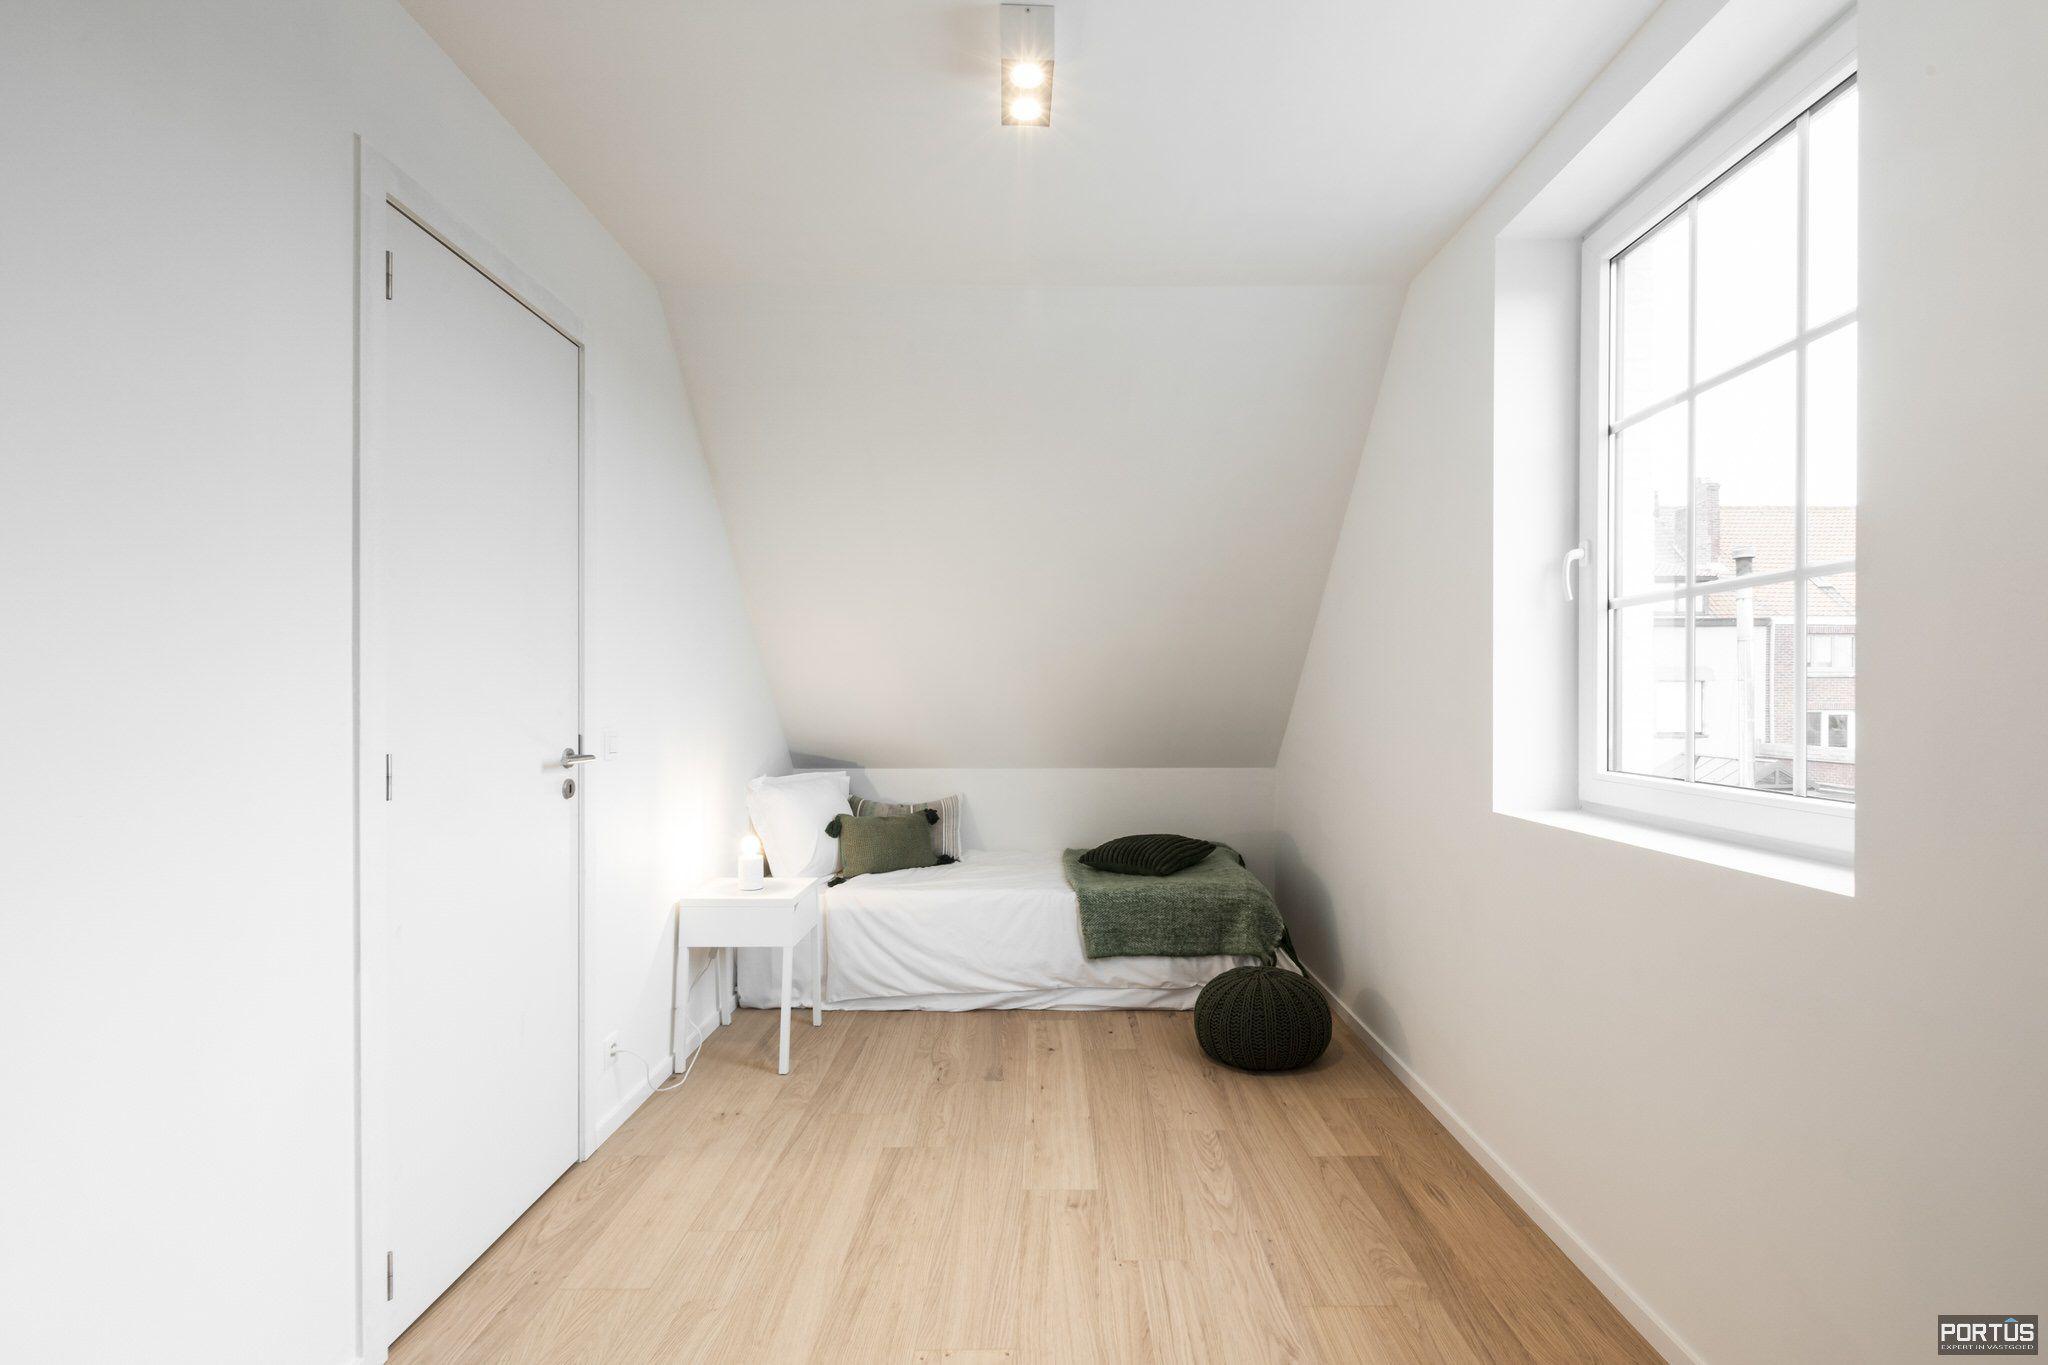 Nieuwbouwwoning met 4 slaapkamers te koop te Lombardsijde - 12145